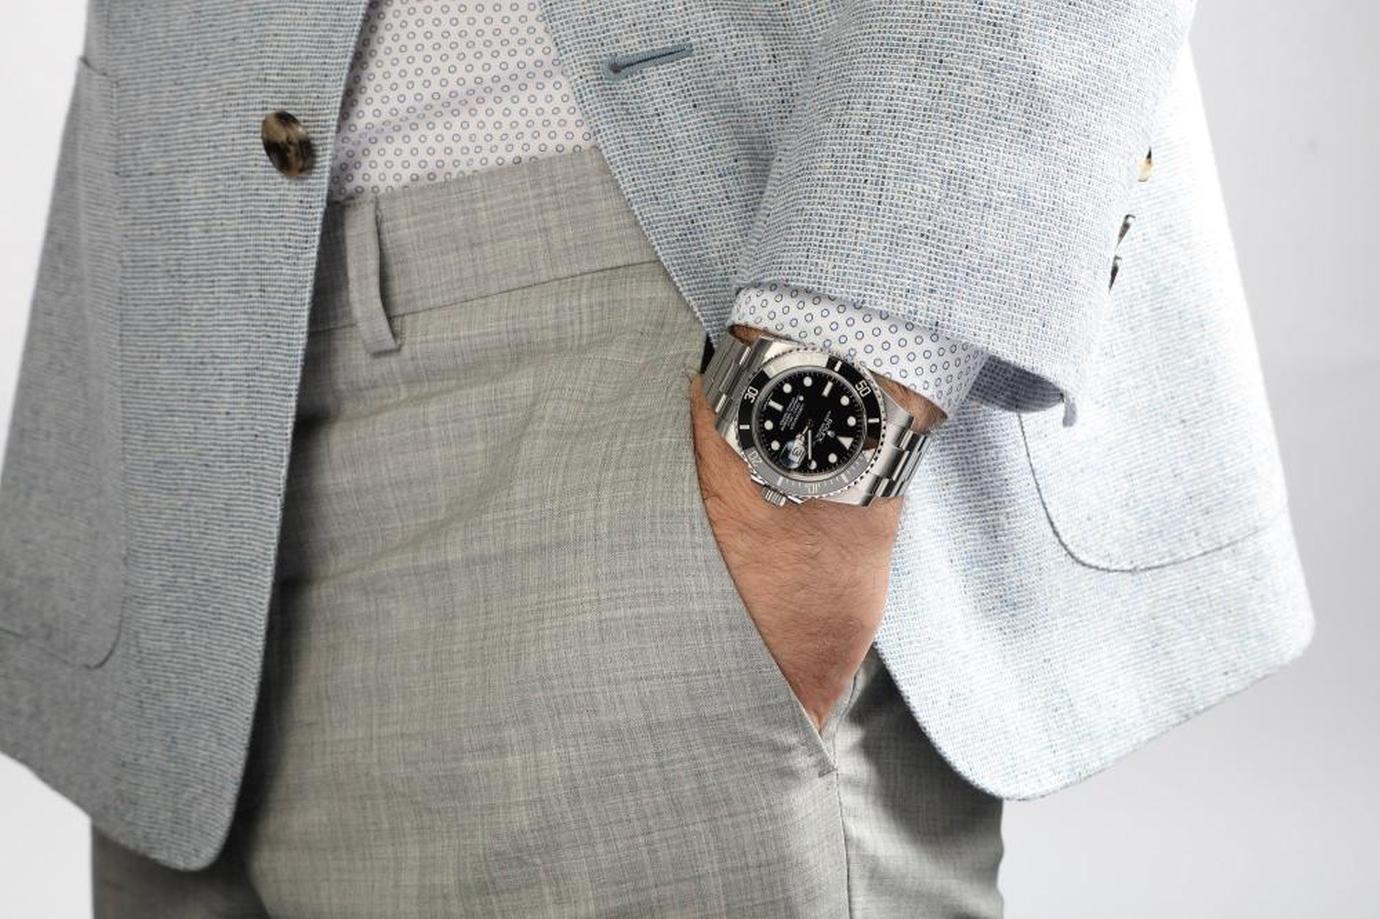 兩款極稀有英國特種偵察軍團制式勞力士 Submariner及Explorer II腕錶,正在蘇富比線上拍賣中